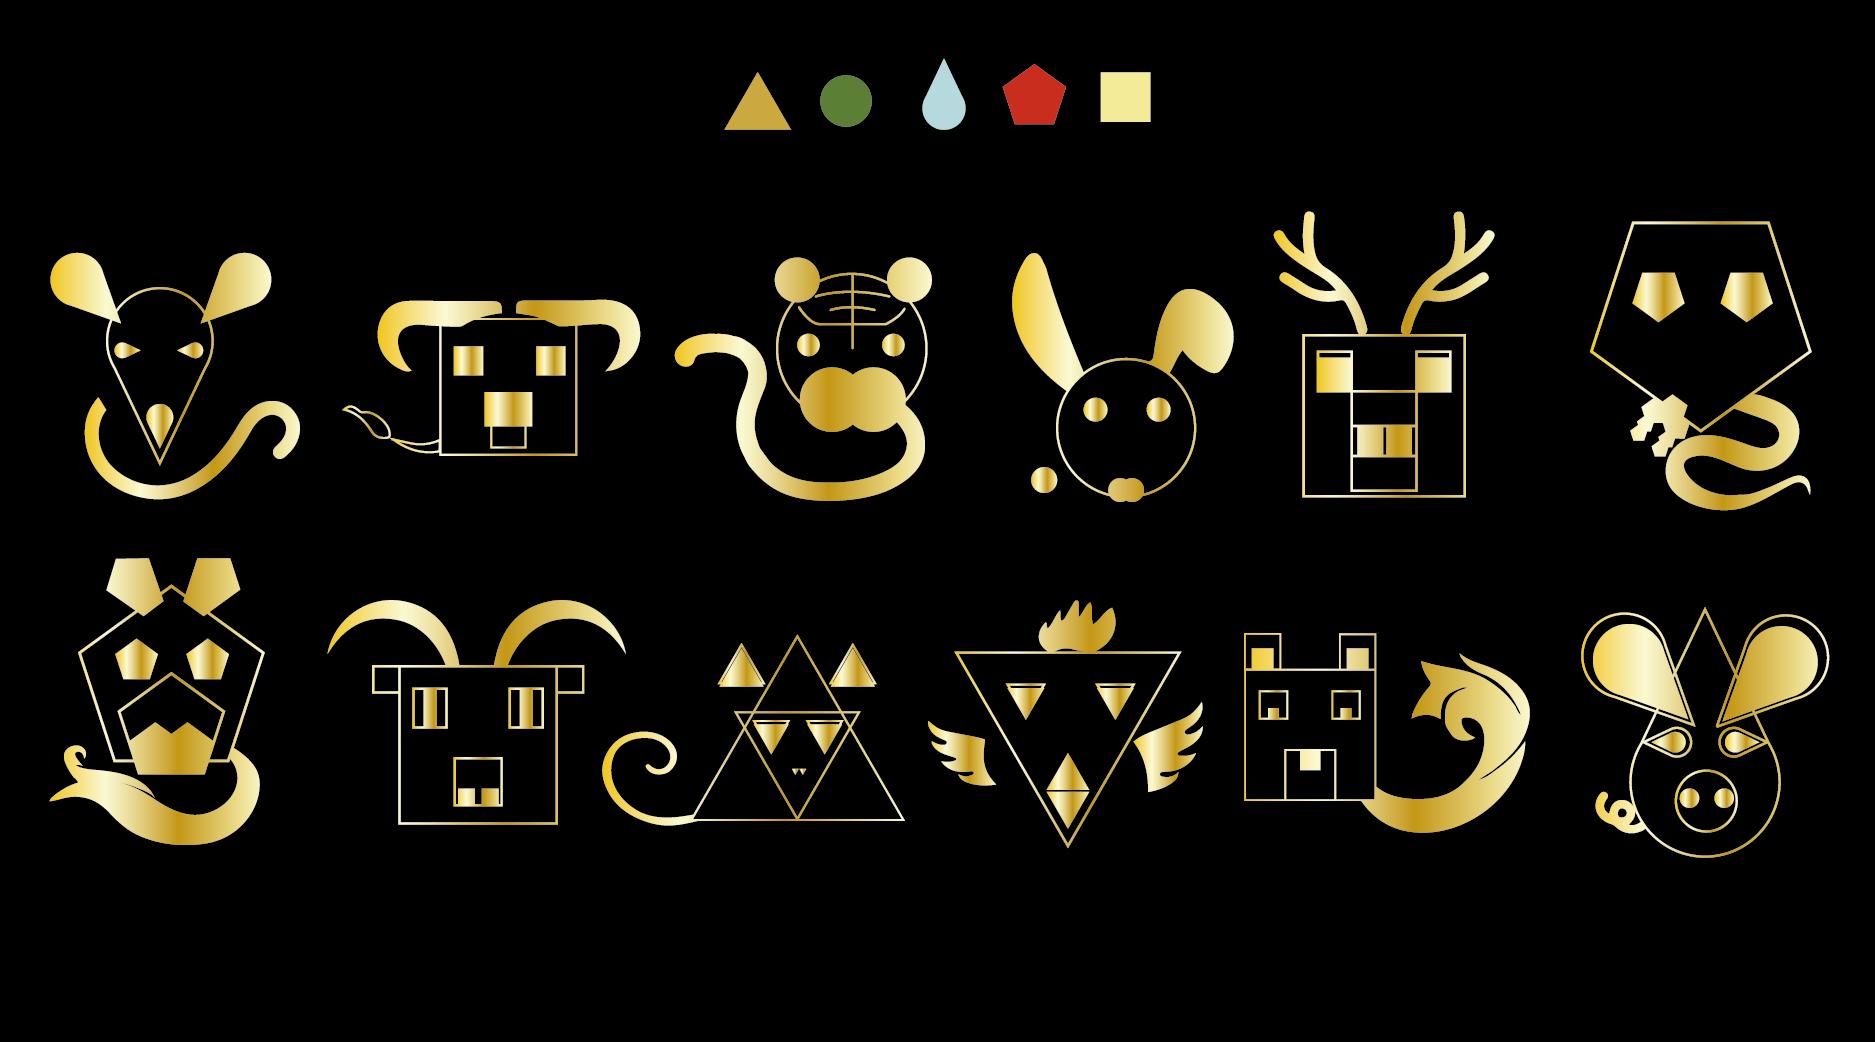 12生肖东巴文字体研究图片